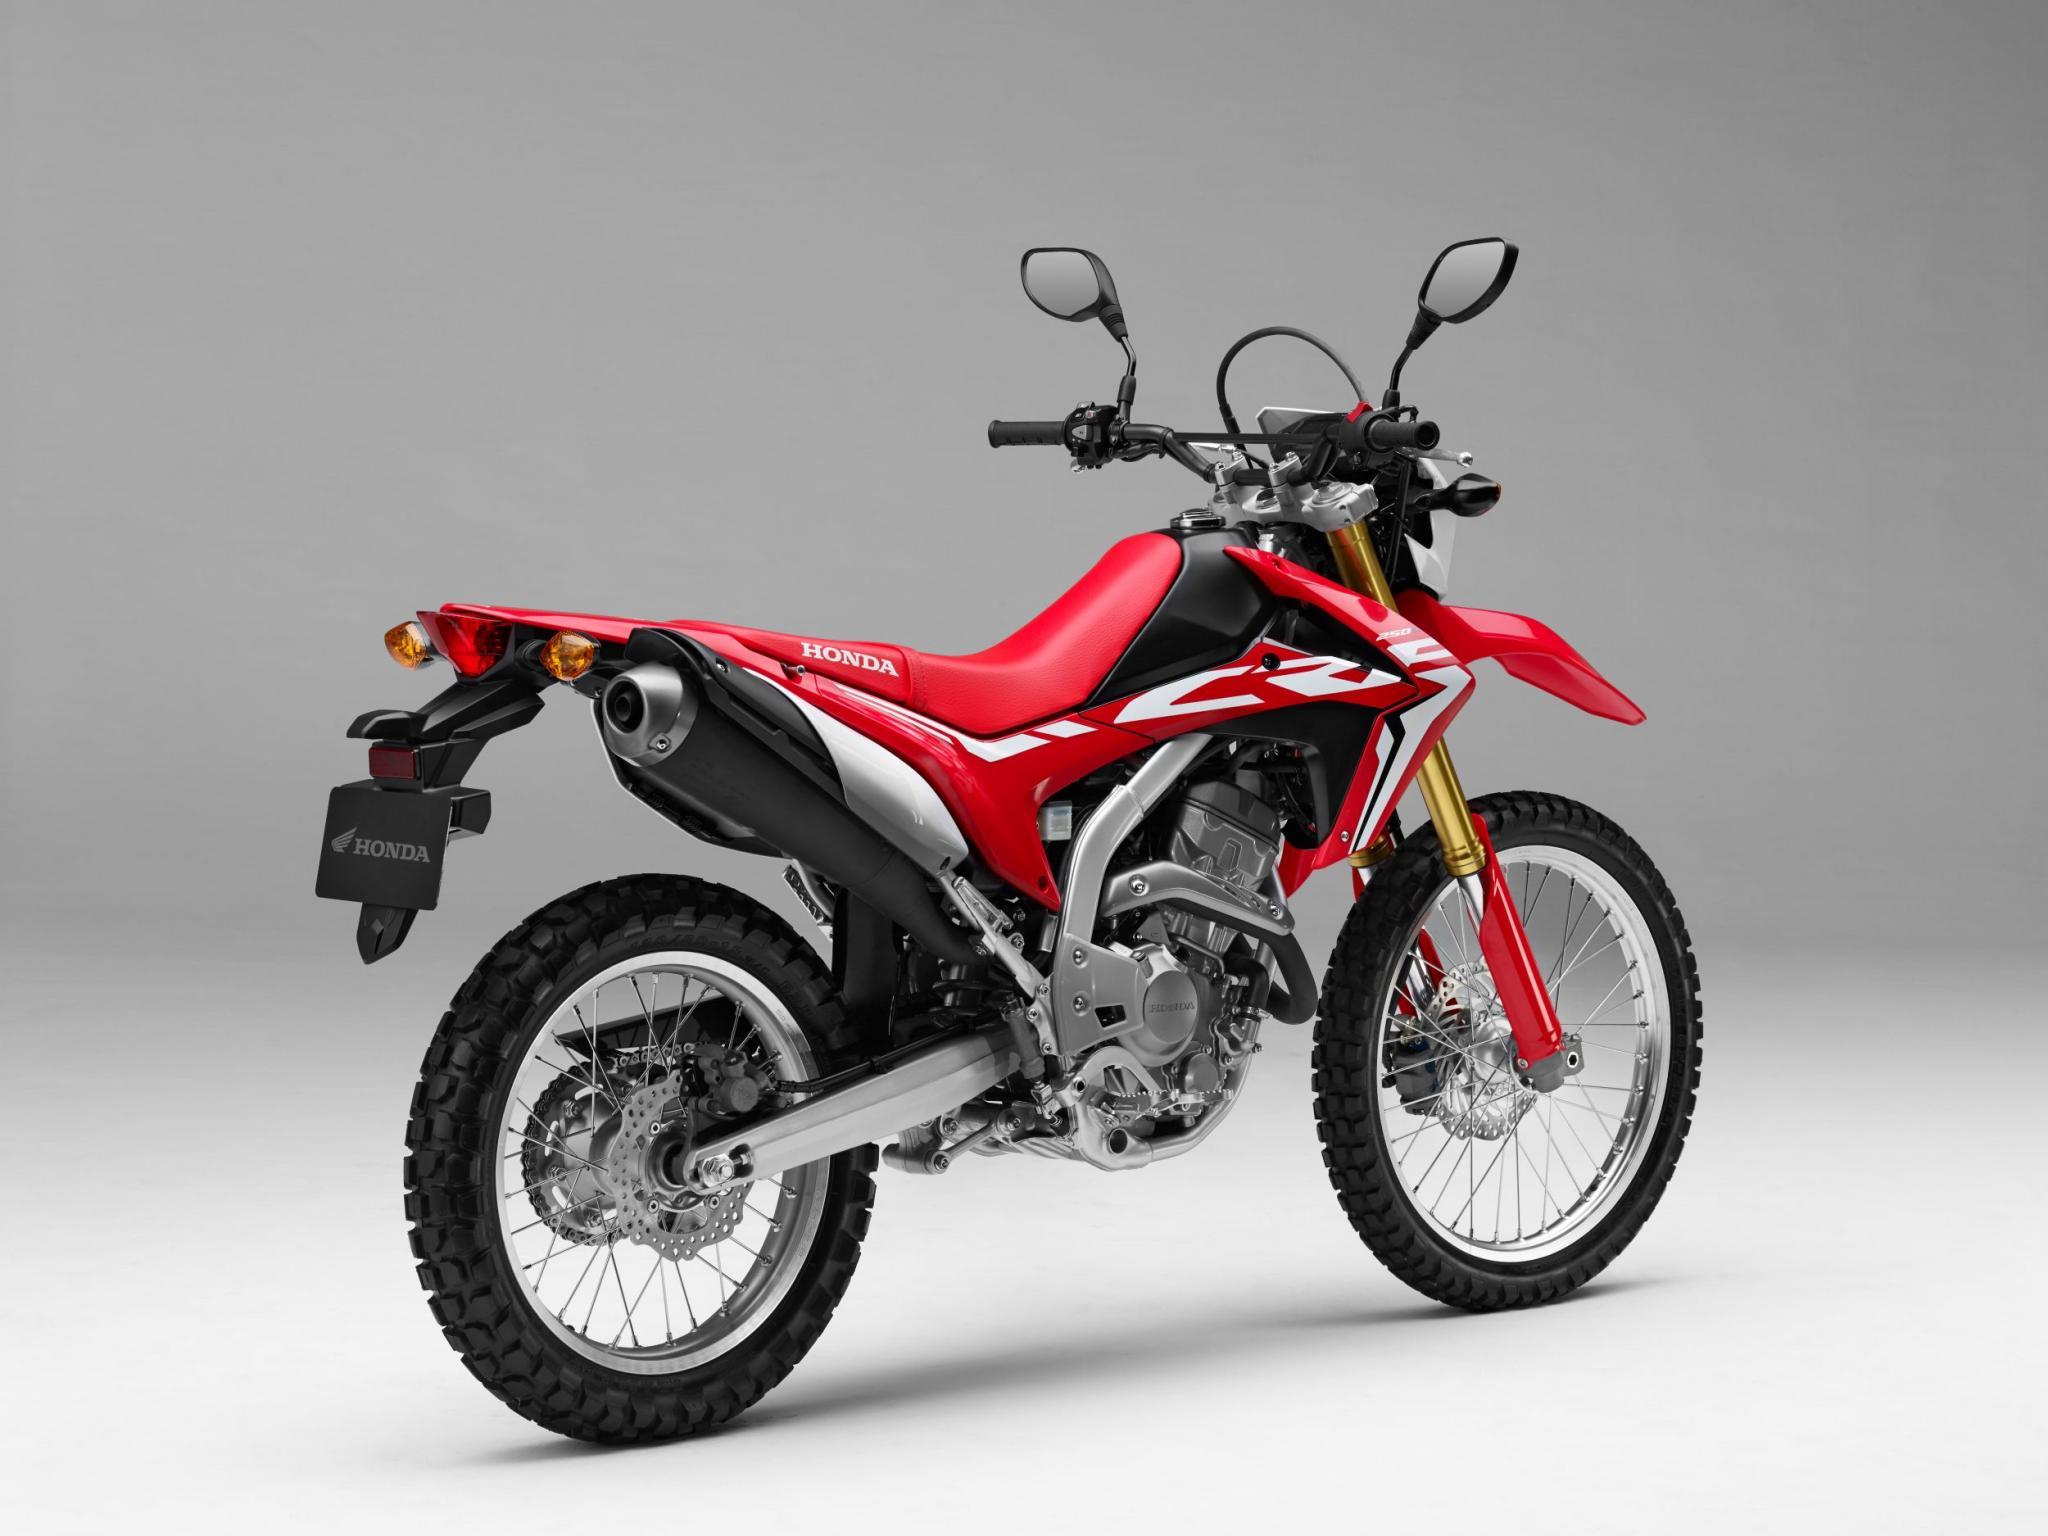 Honda CRF250L 2017 Motorrad Fotos & Motorrad Bilder